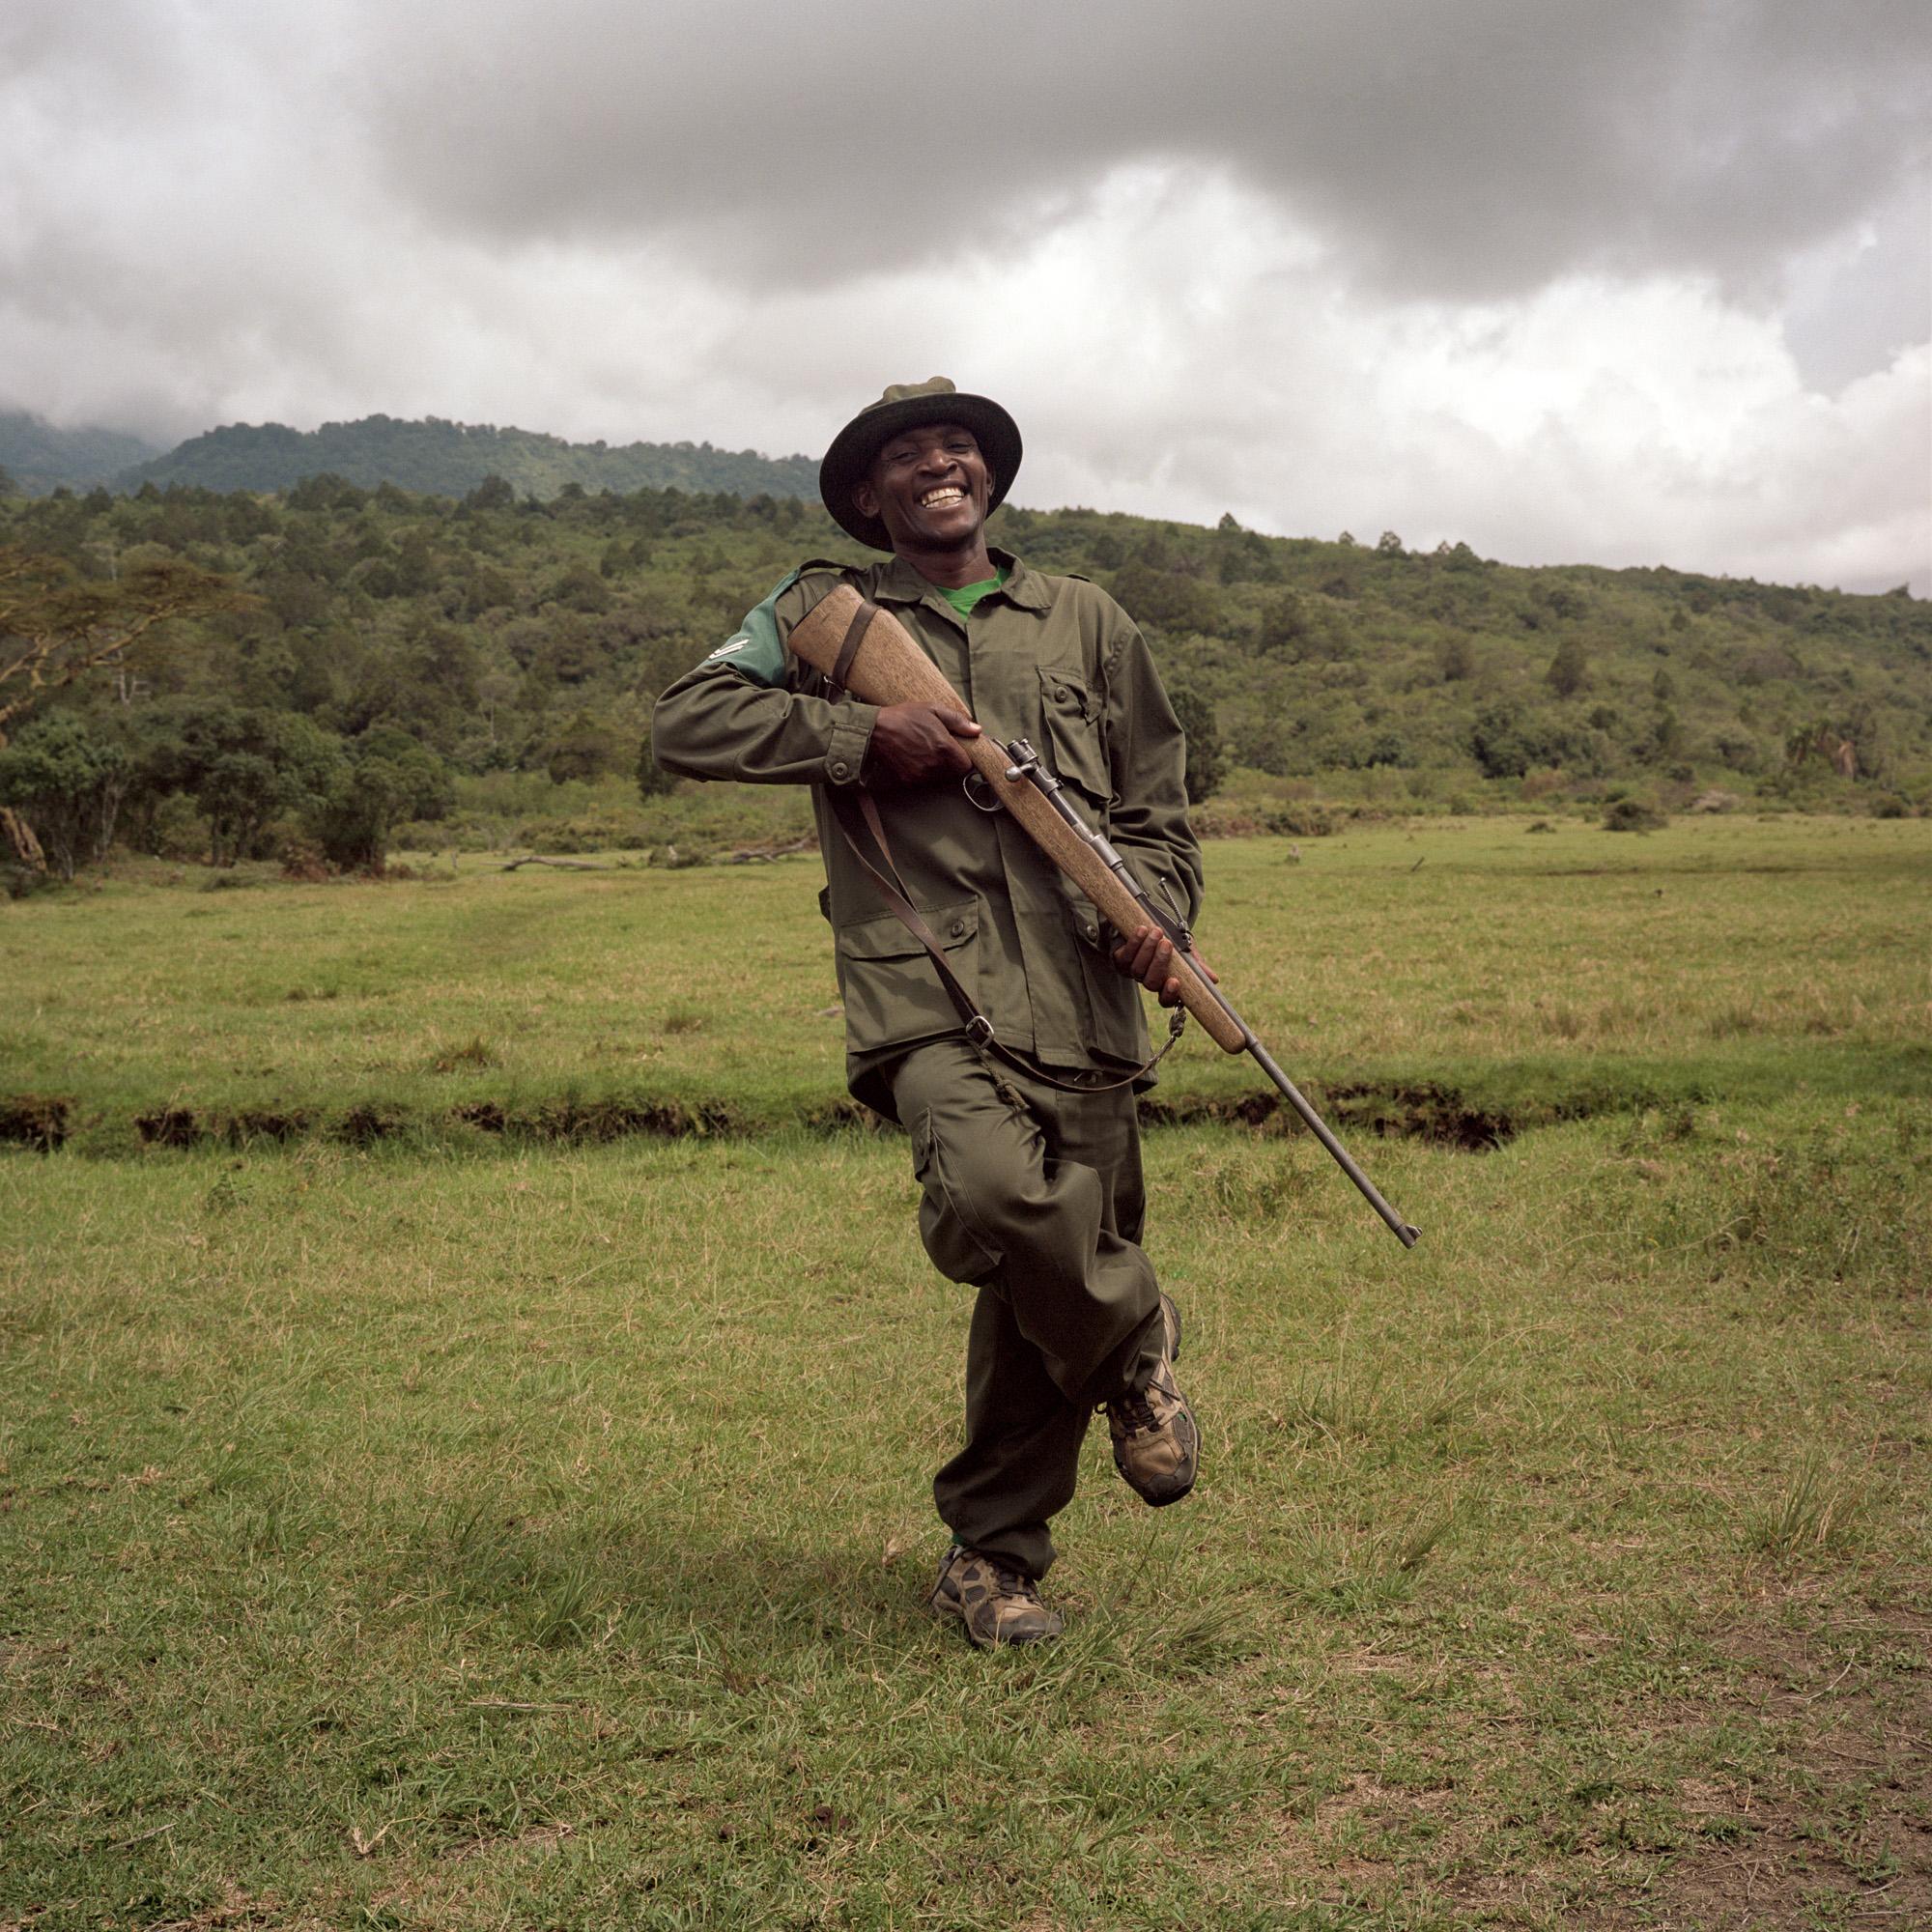 Smajidi, the Park ranger